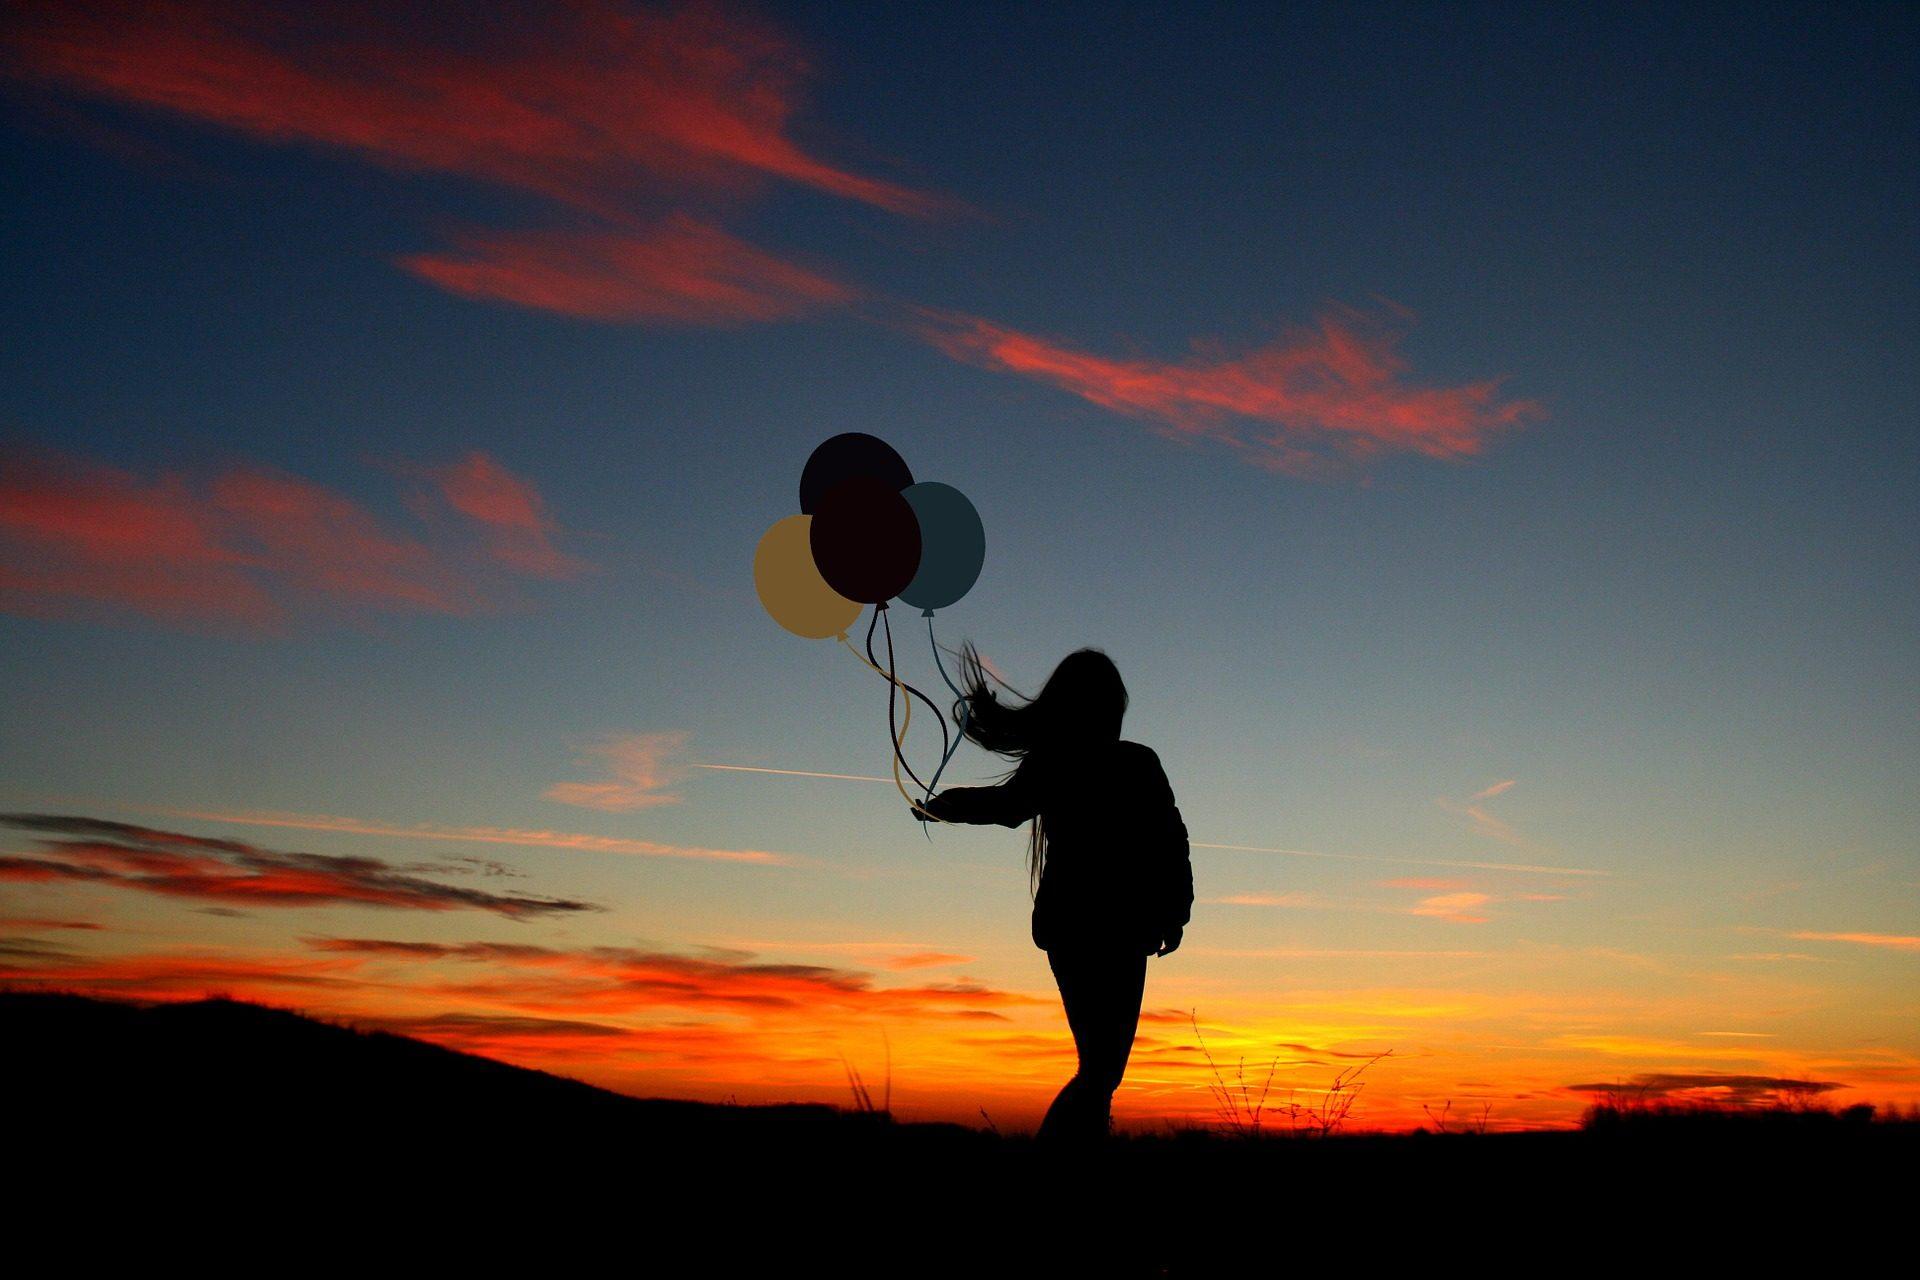 Coucher de soleil, jeune fille, Silhouette, ballons, vent, nuages - Fonds d'écran HD - Professor-falken.com